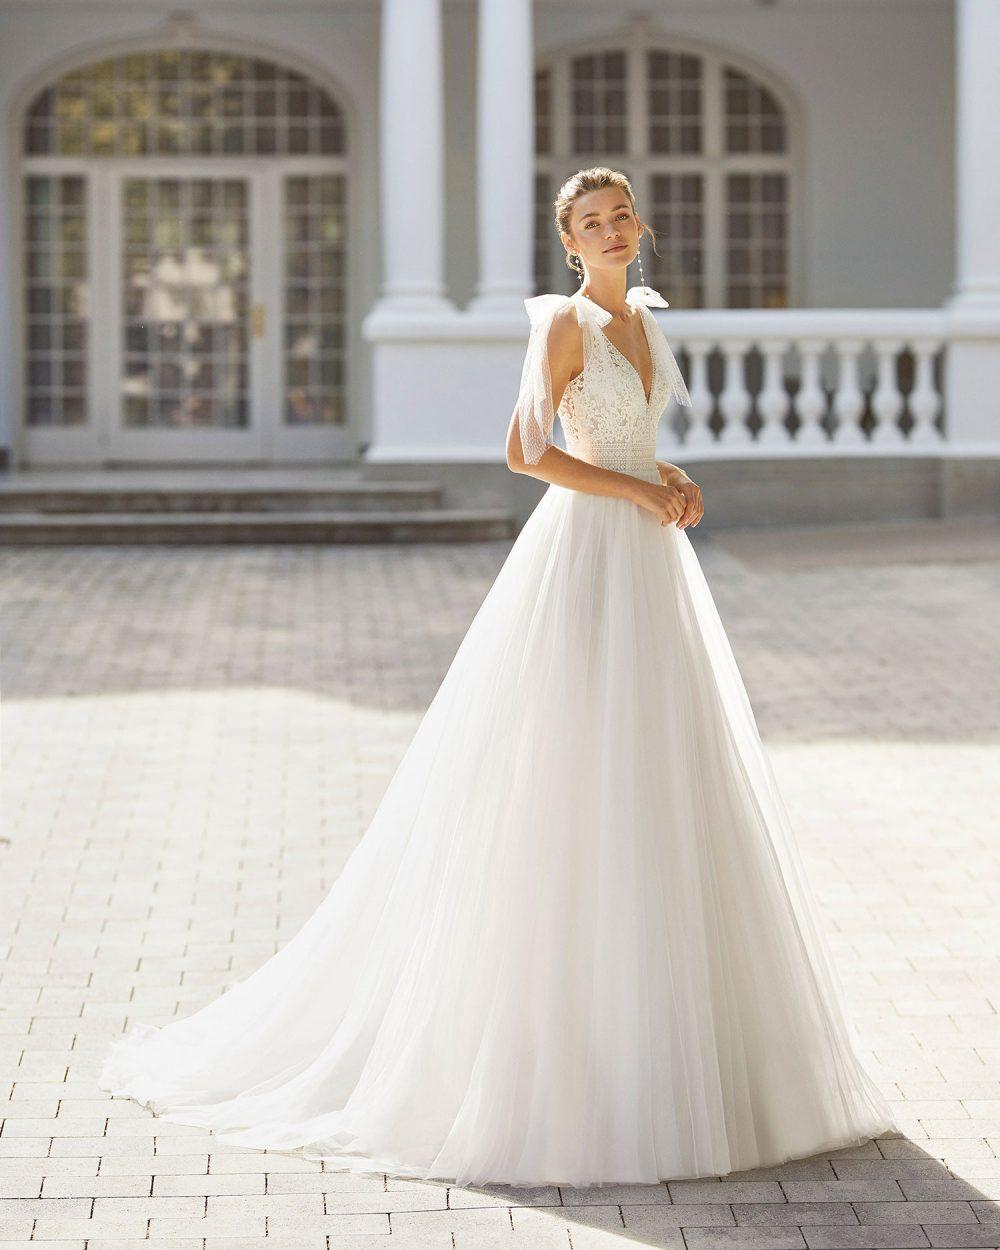 Rosa Clarà 2022 abito vestito sposa Vicenza SELYS